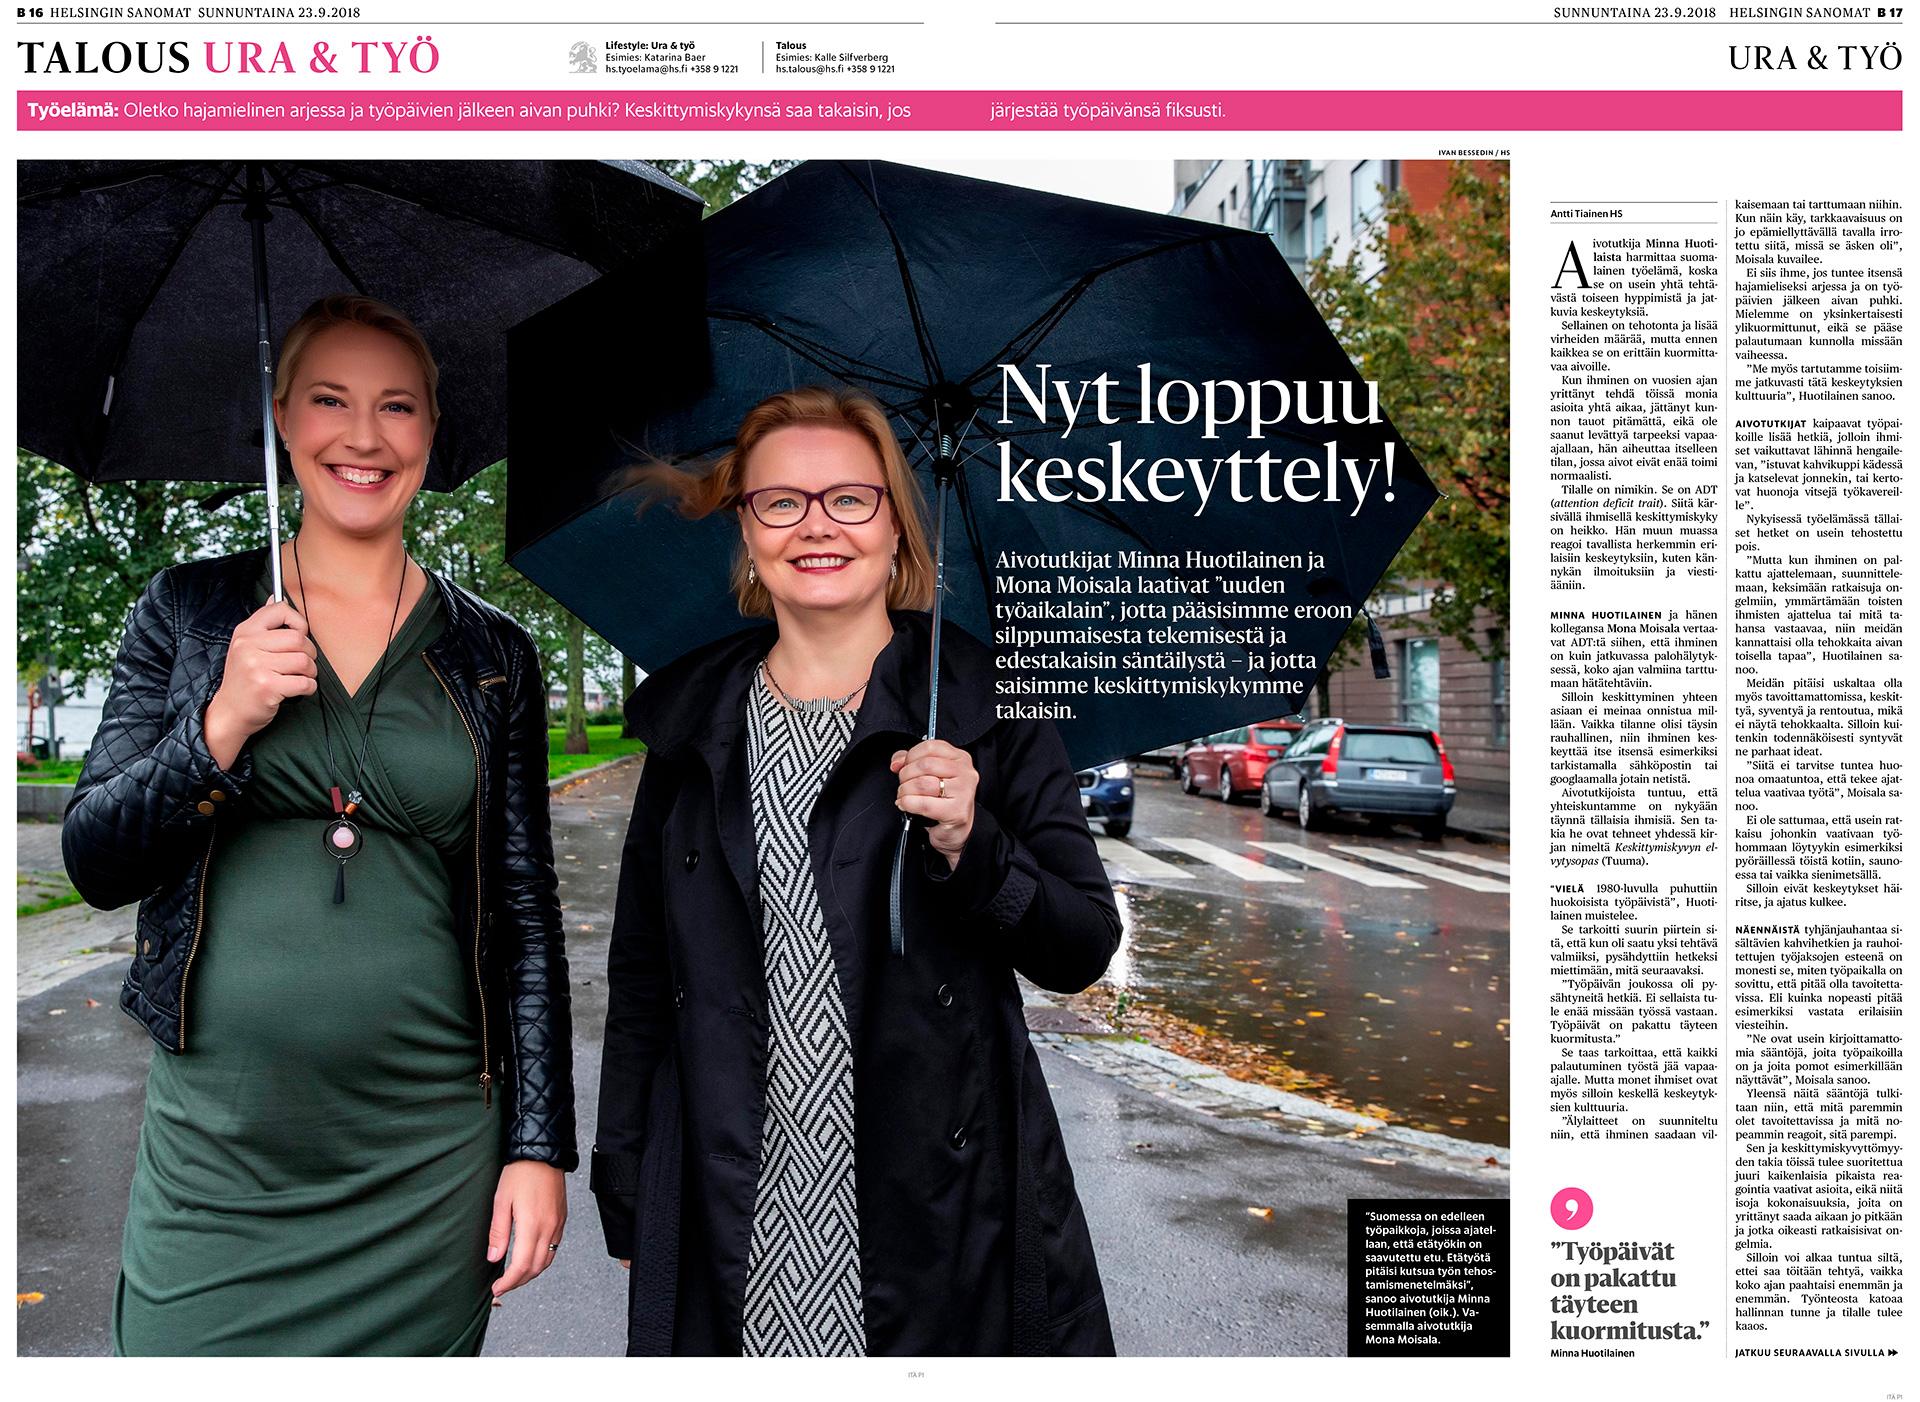 Helsingin Sanomat, Minna Huotilainen, Mona Moisala, aivotutkijat